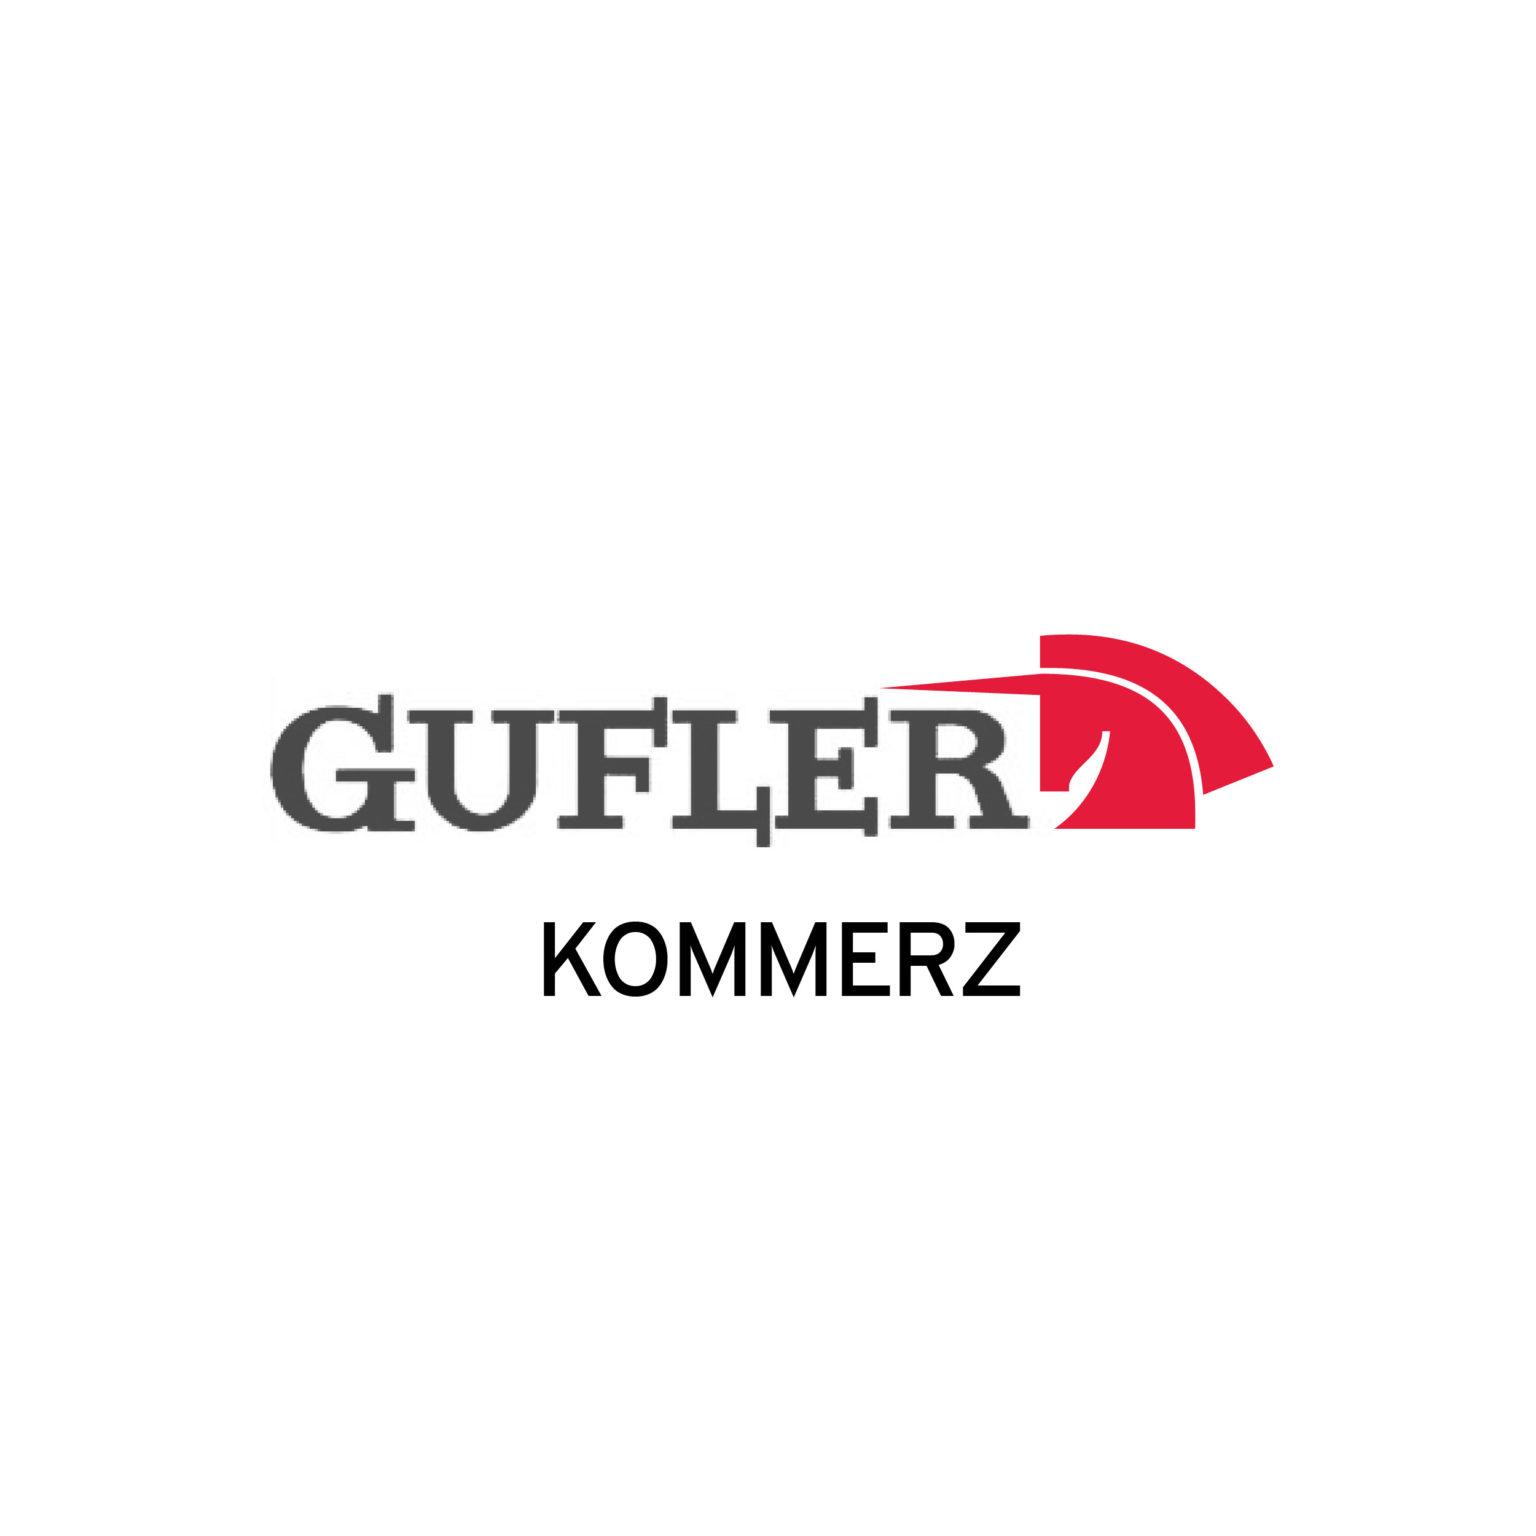 gufler kommerz logo